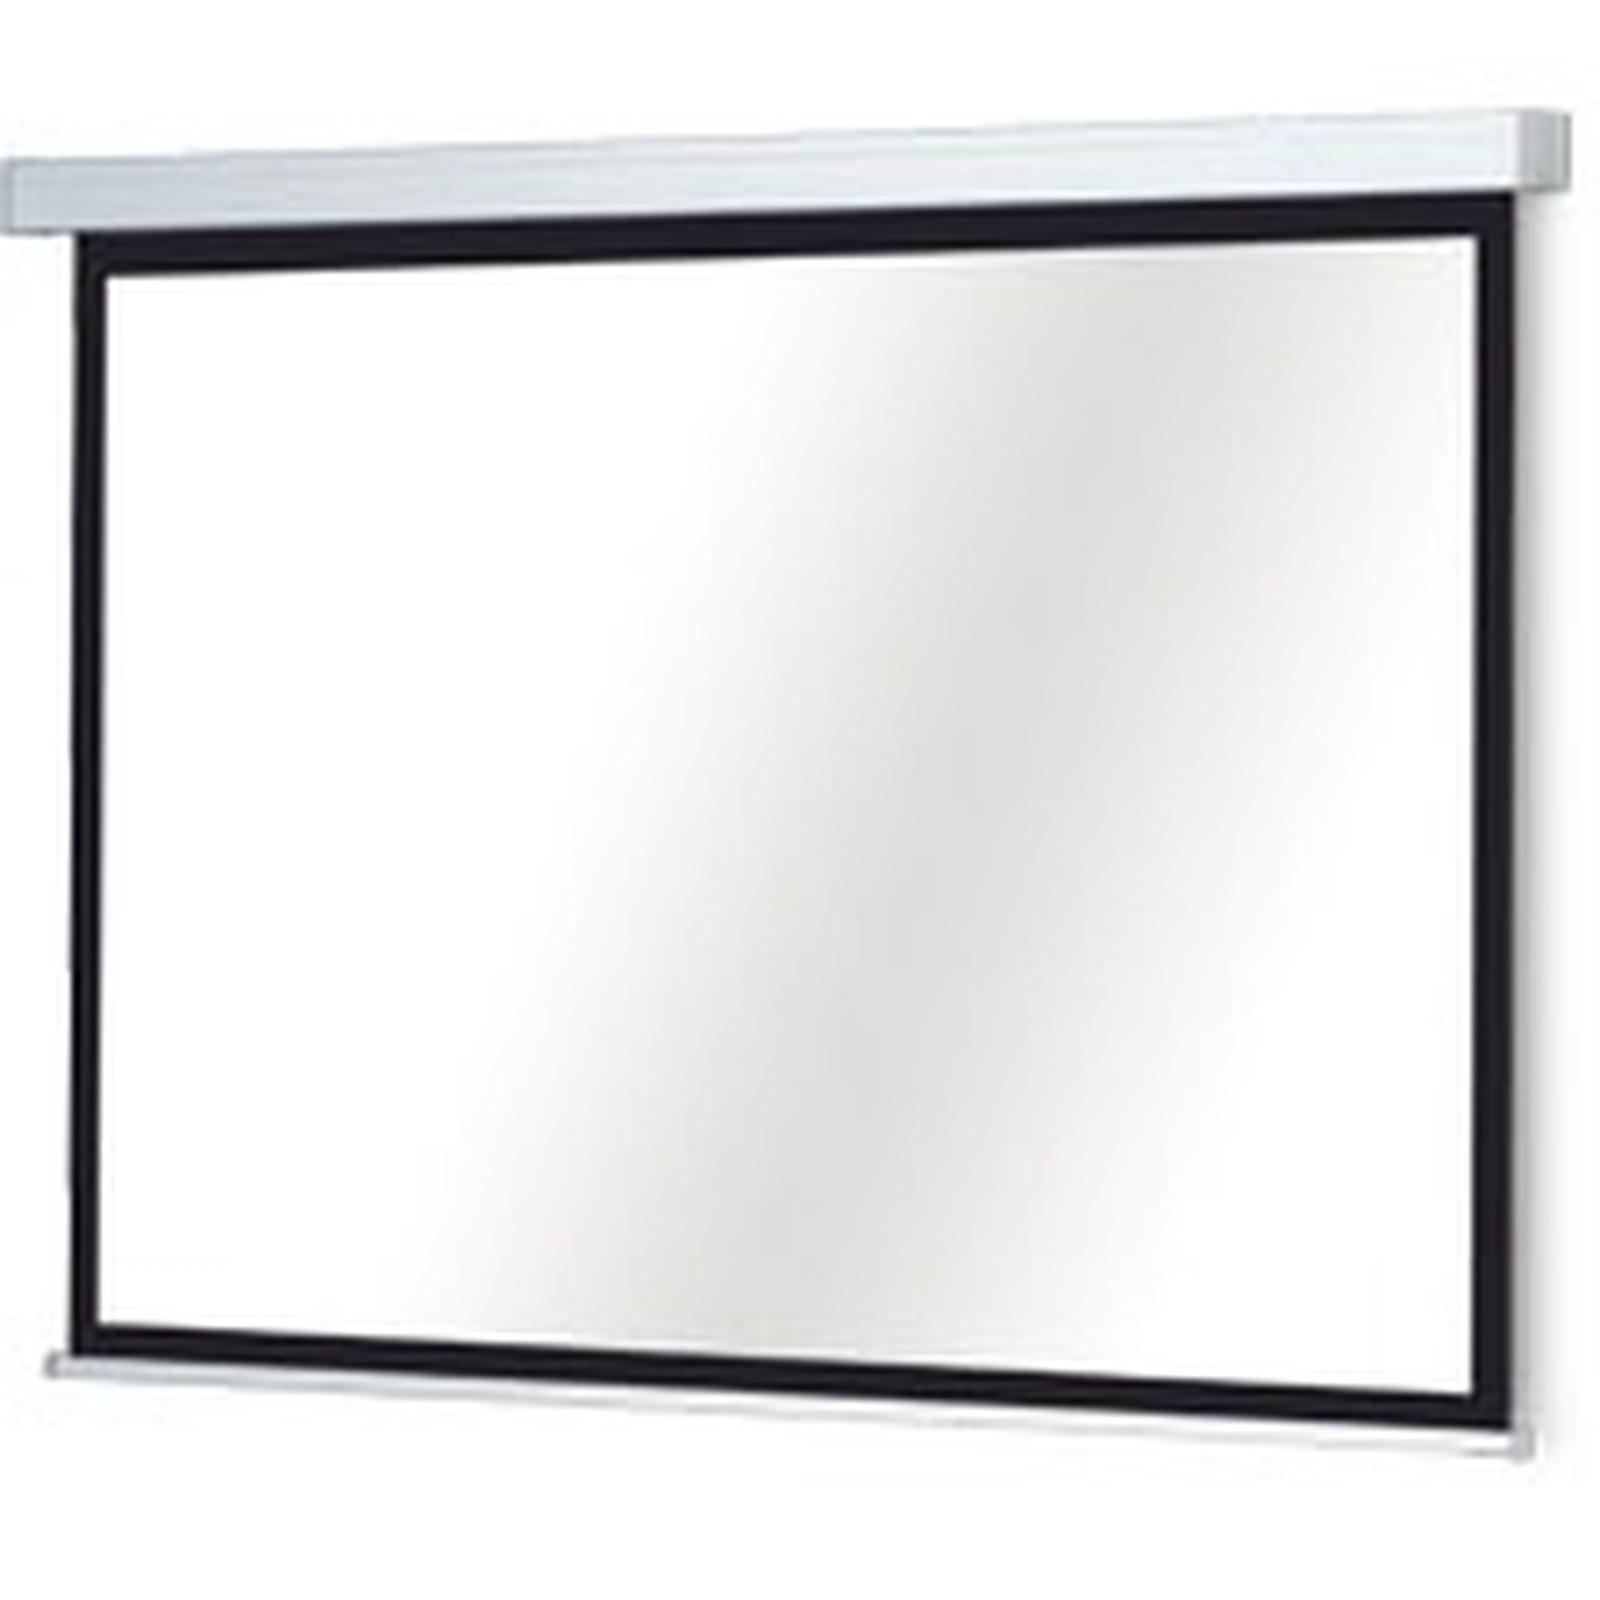 Procolor JUNIOR-SCREEN - Ecran motorisé - Format 4:3 - 278 x 210 cm